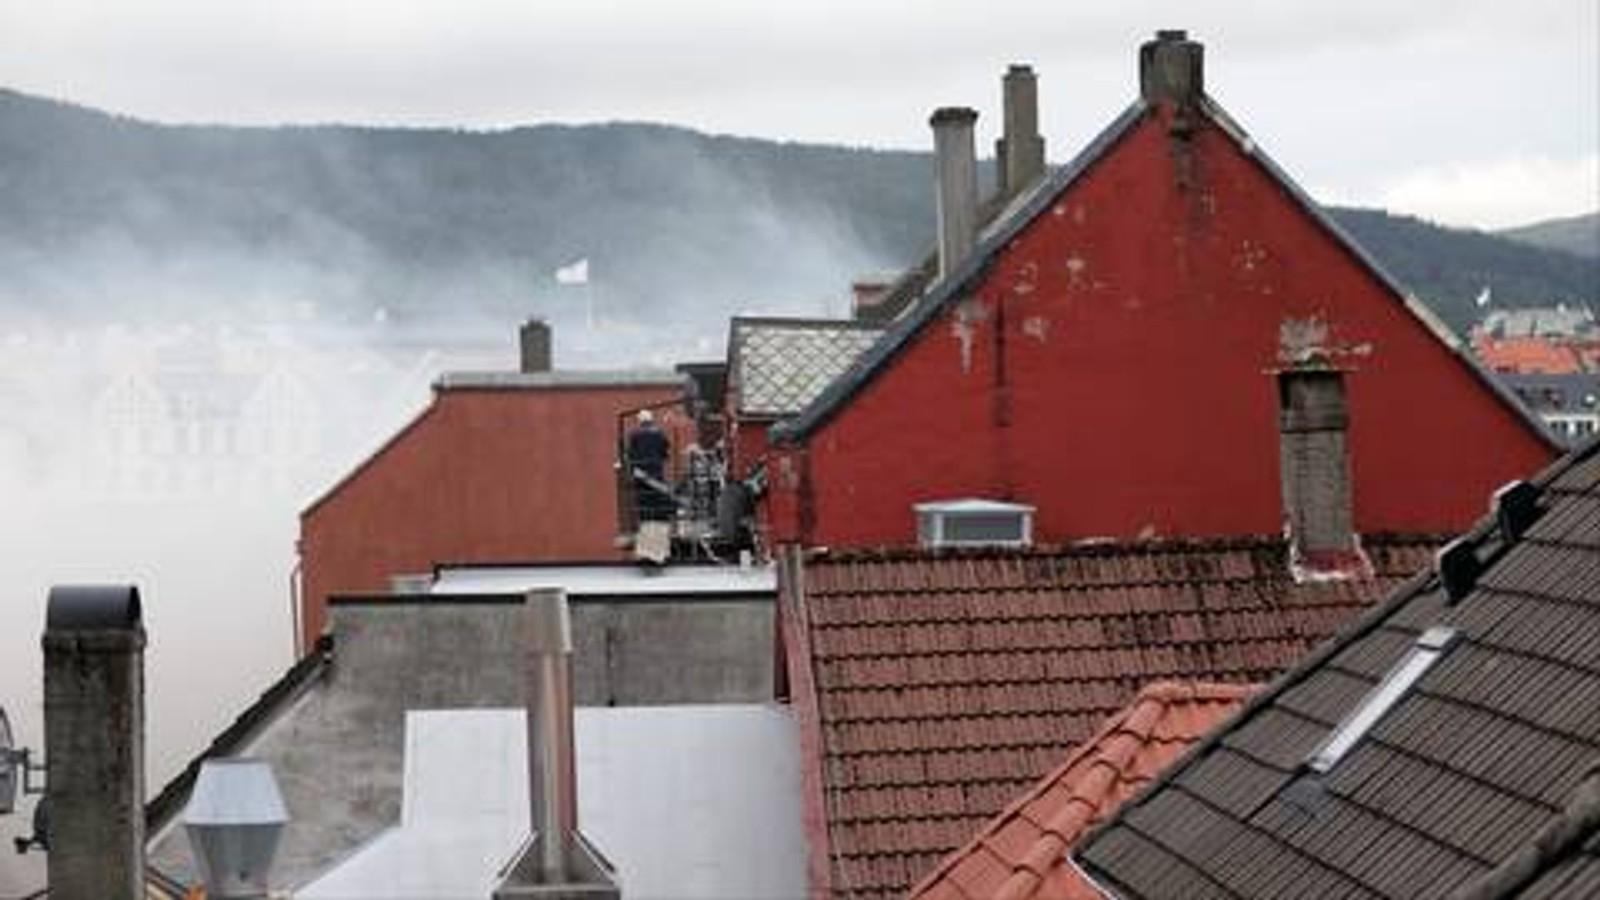 Brannvesenet gjorde en fantastisk innsats med slukkearbeidet på hustakene i området.